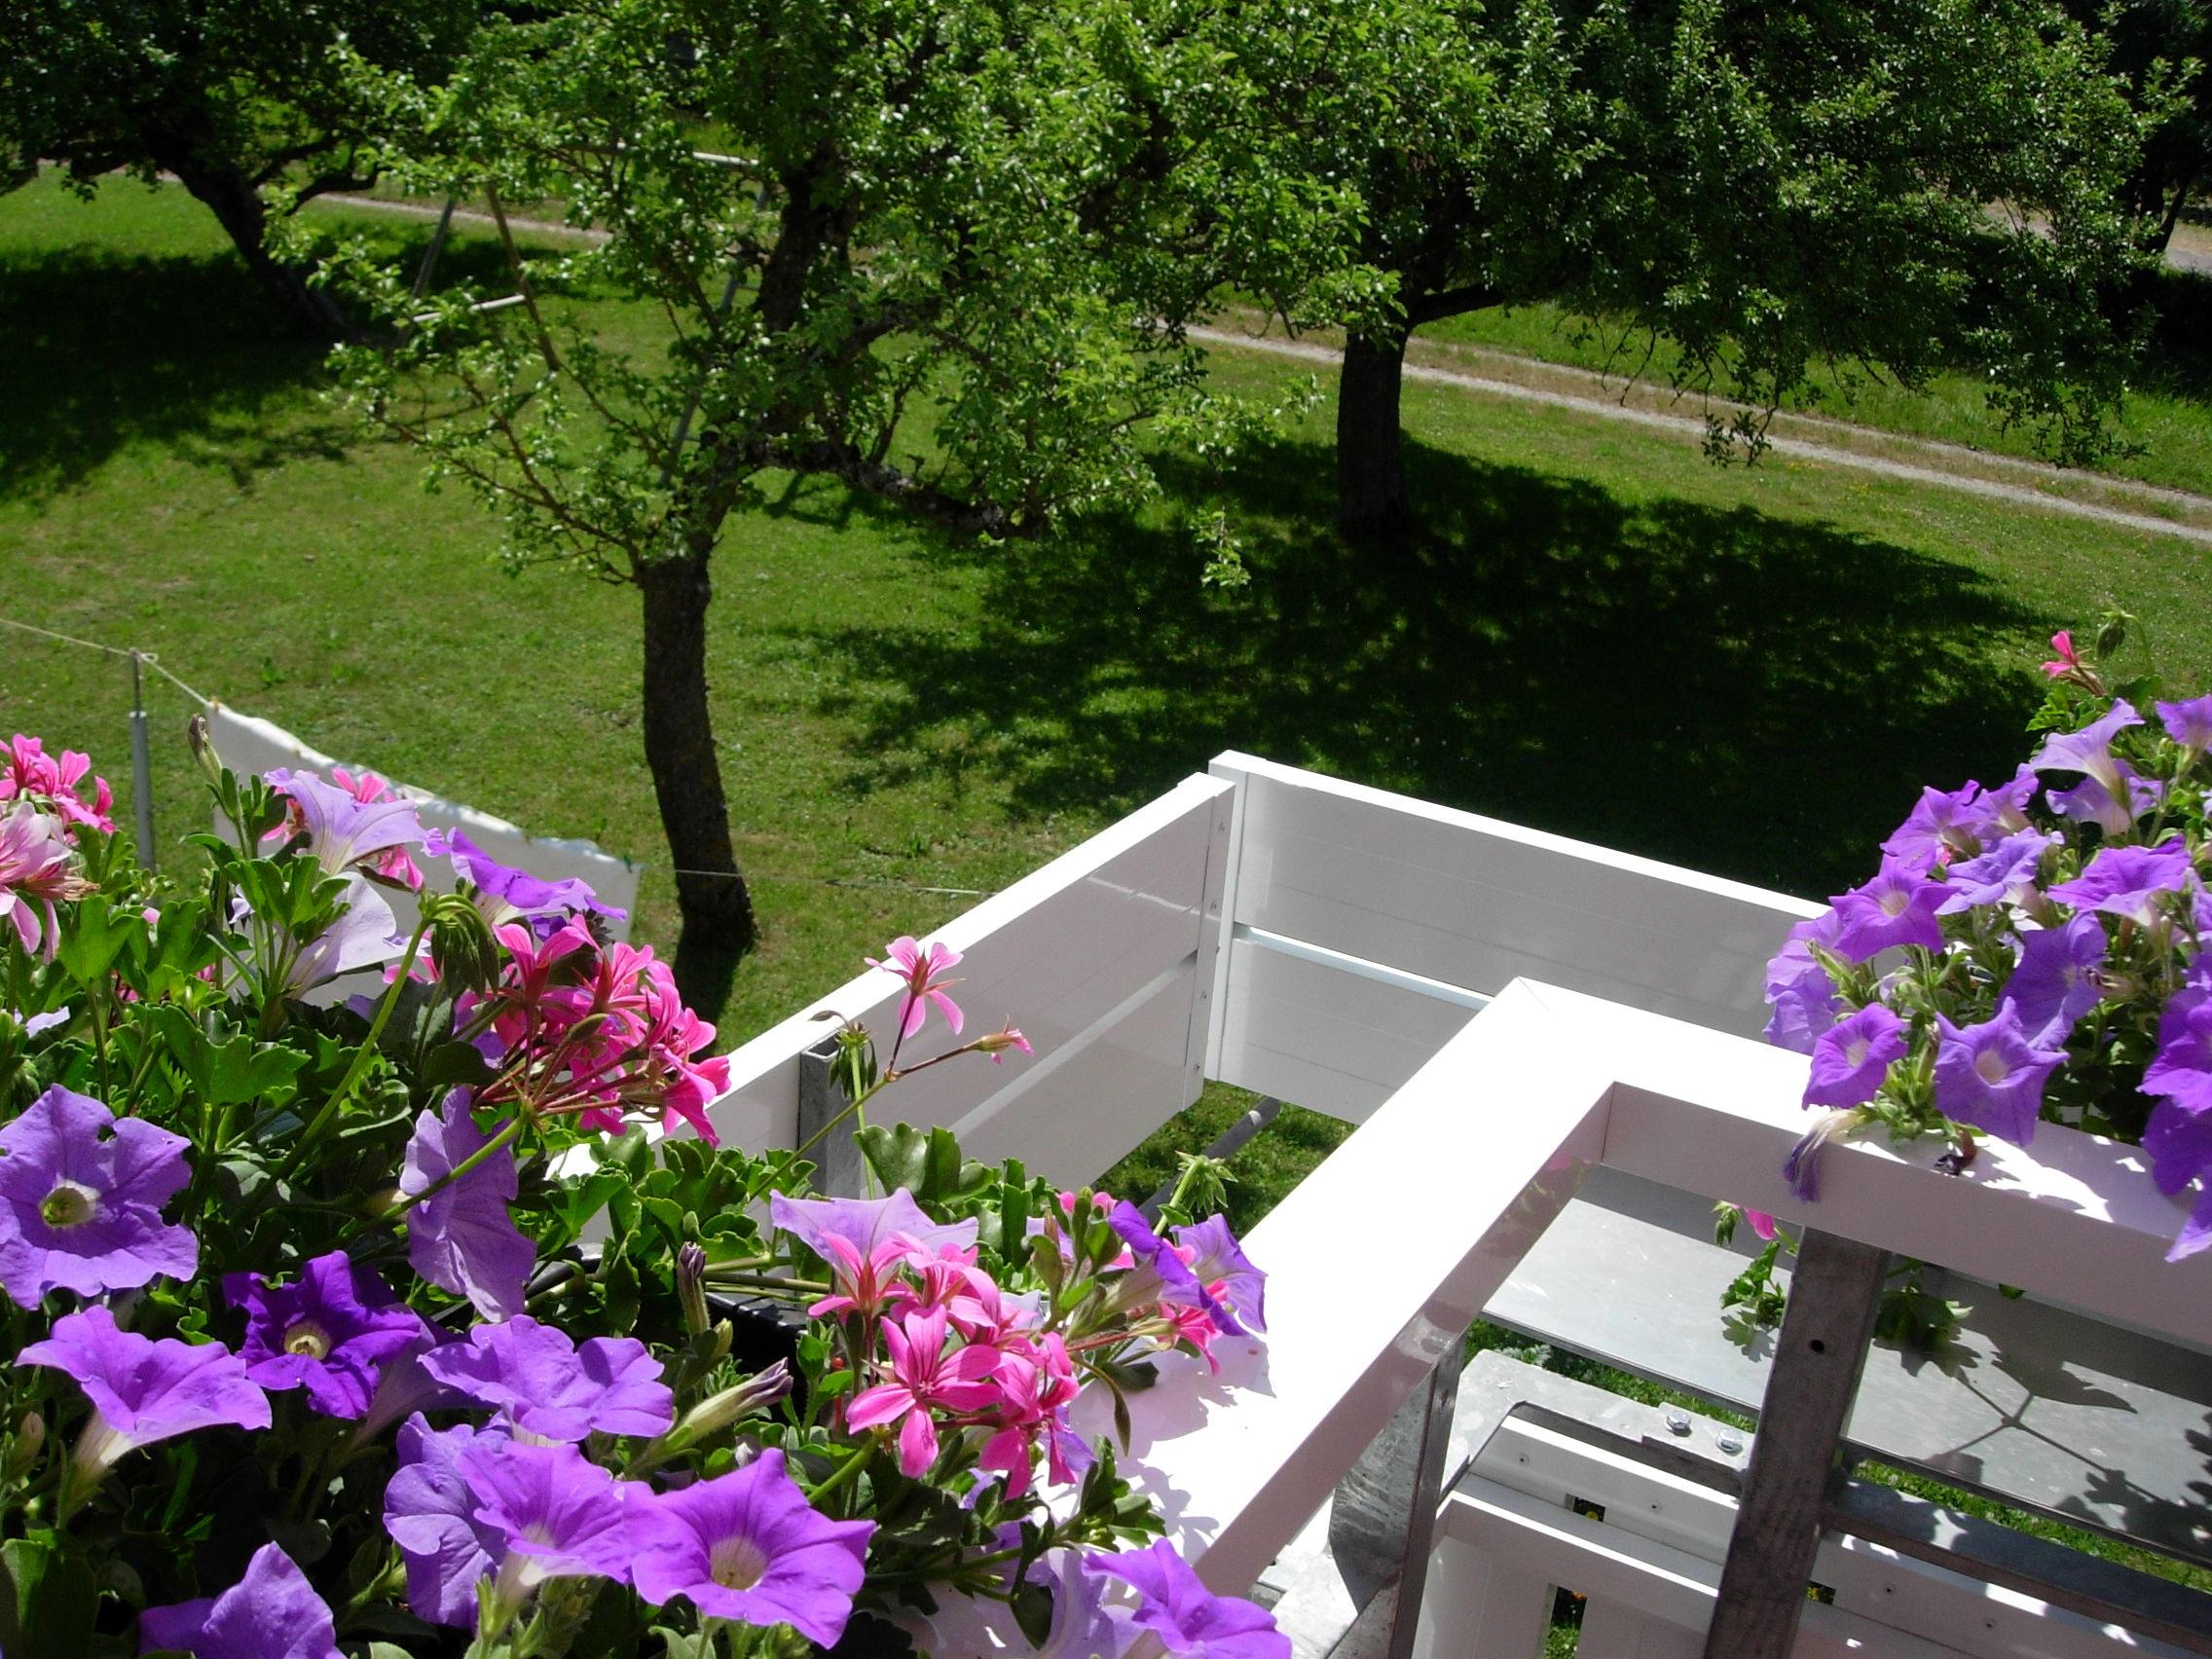 Blumenbrett von der Balkon Innenseite gesehen.